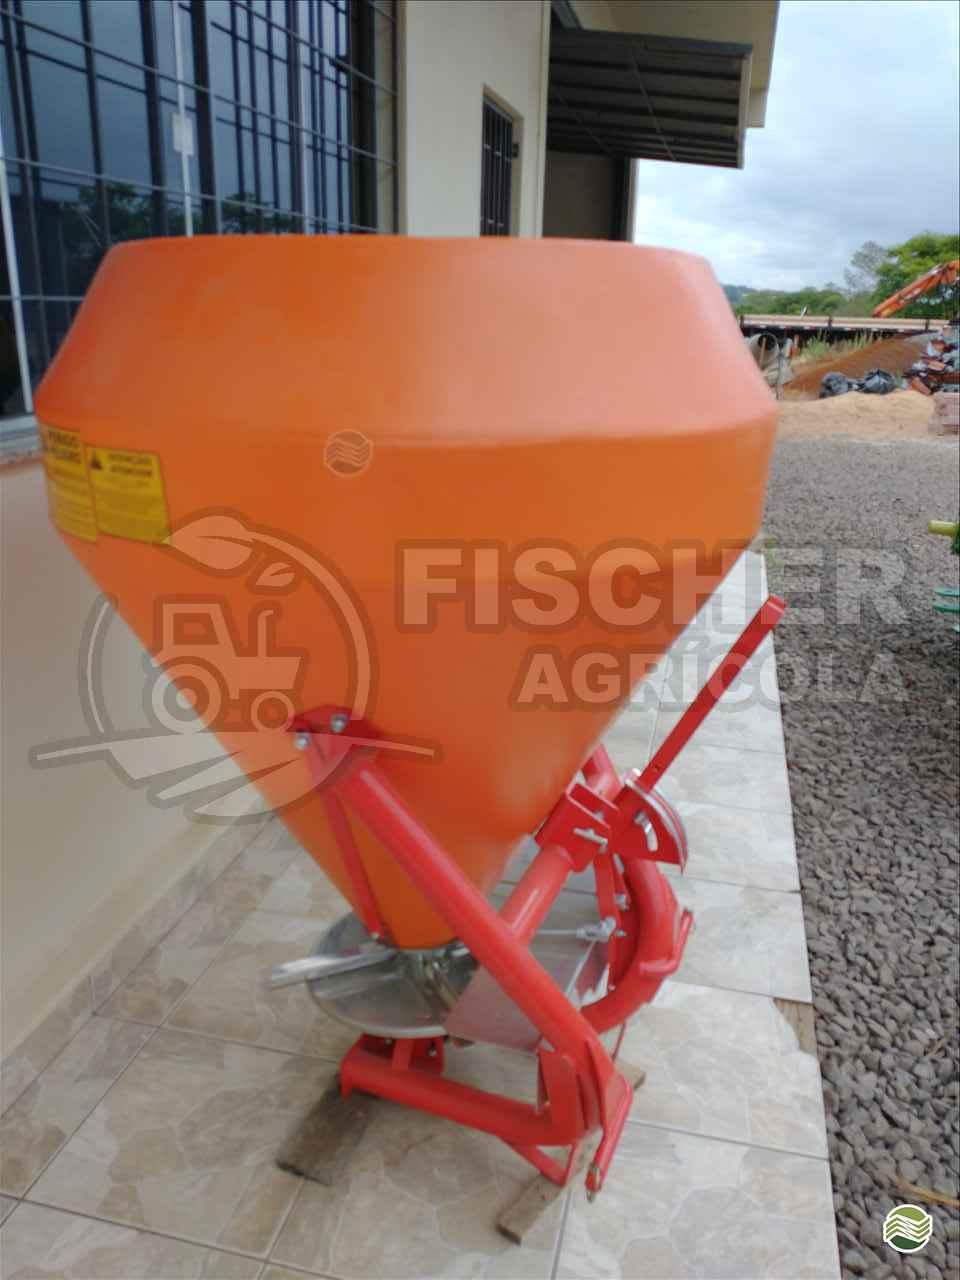 IMPLEMENTOS AGRICOLAS DISTRIBUIDOR FERTILIZANTES DISCO Fischer Agrícola RIO PARDO RIO GRANDE DO SUL RS